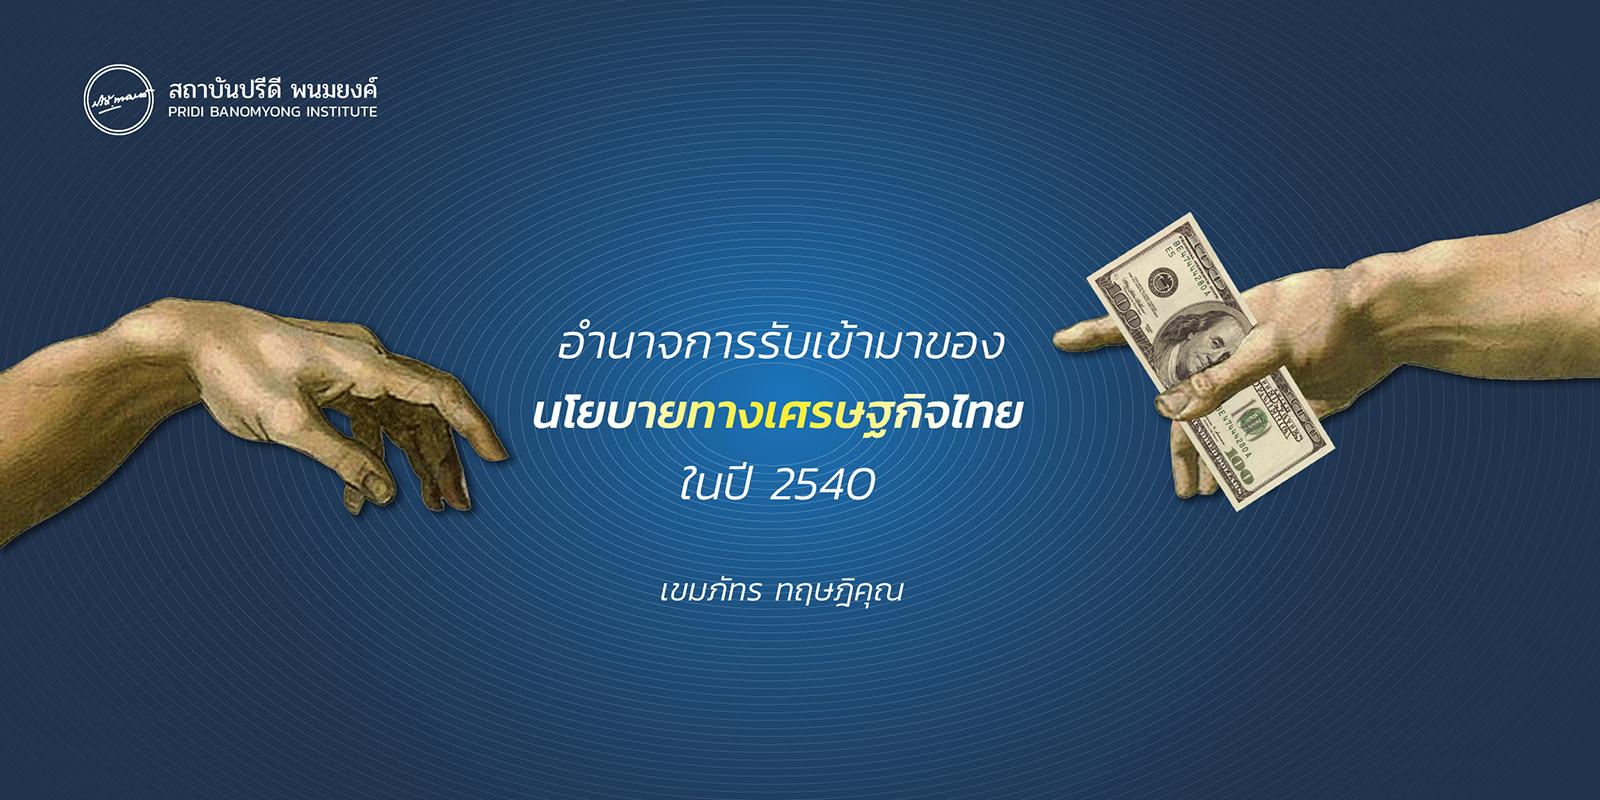 อำนาจการรับเข้ามาของนโยบายทางเศรษฐกิจไทยในปี 2540